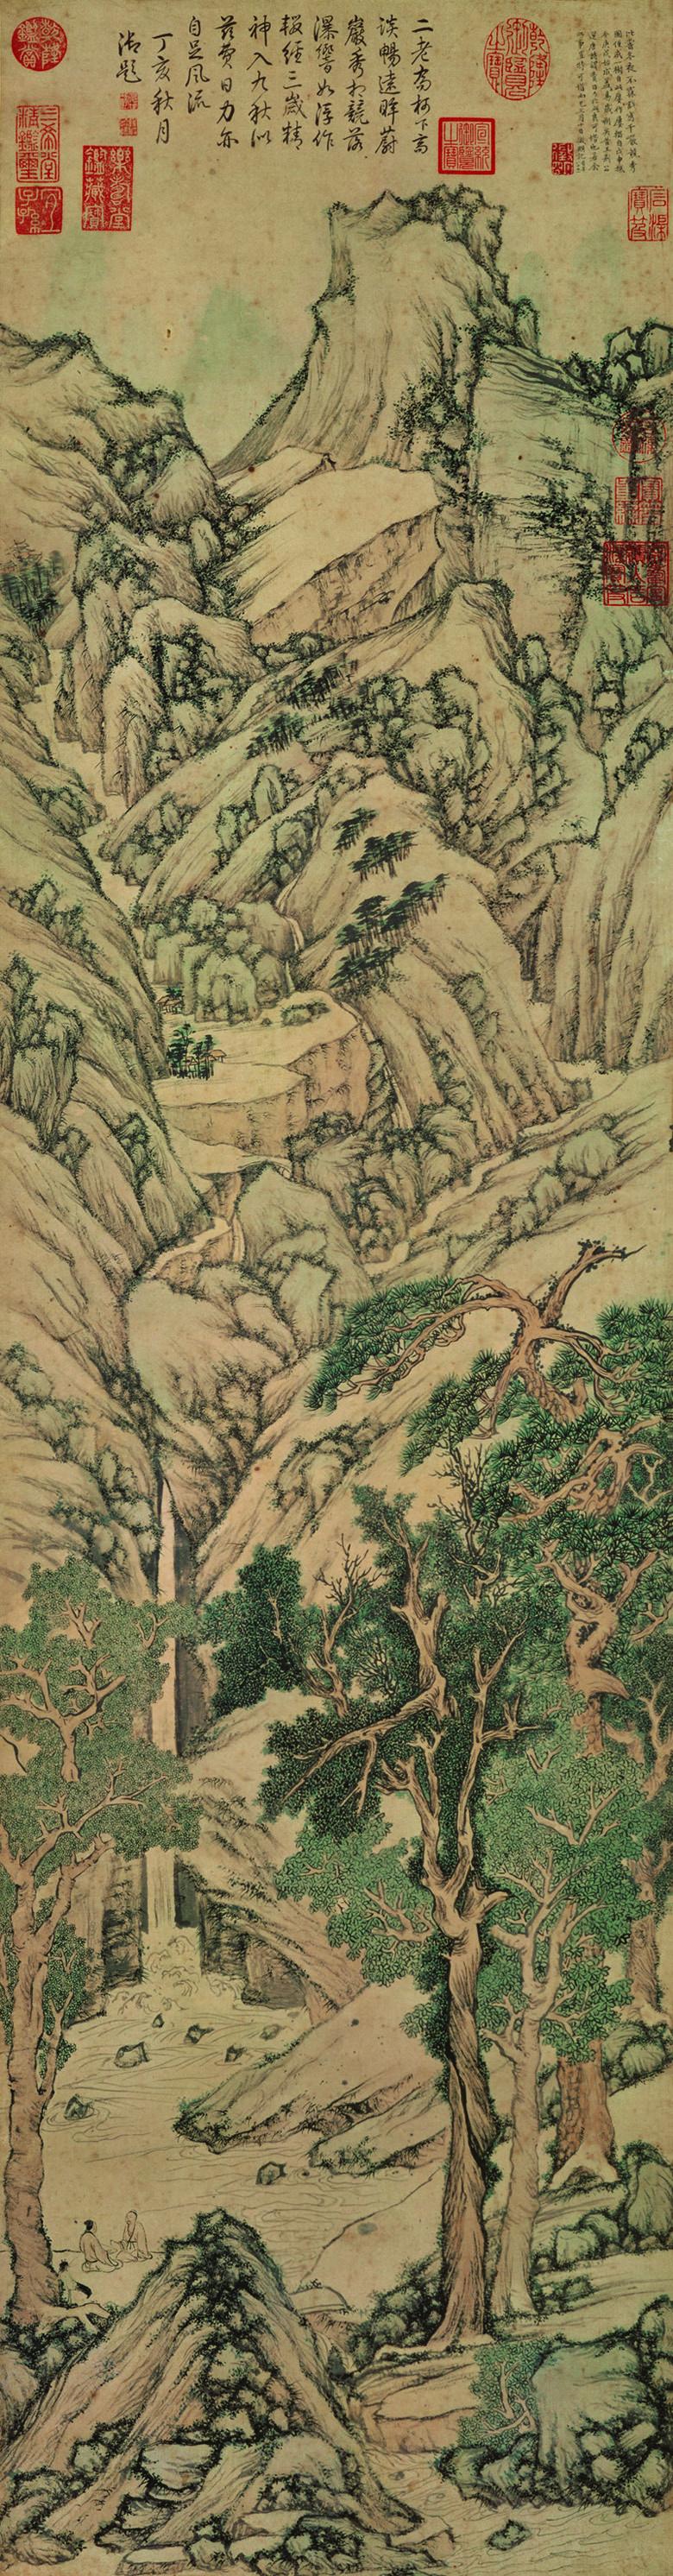 wen-zhengming_thousands-of-cliffs